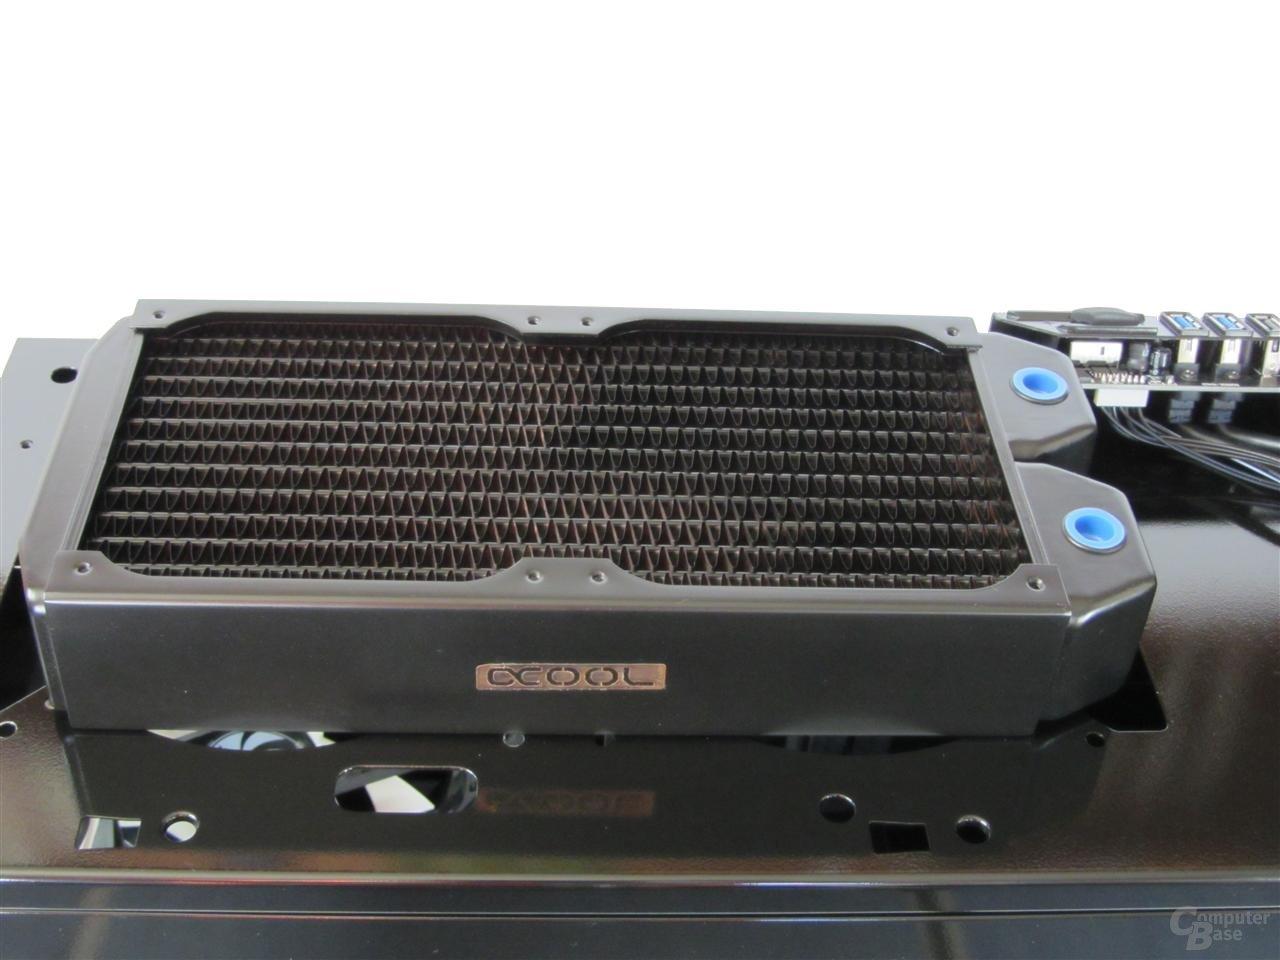 NZXT Phantom 410 - Einbau eines 240er Radiators möglich